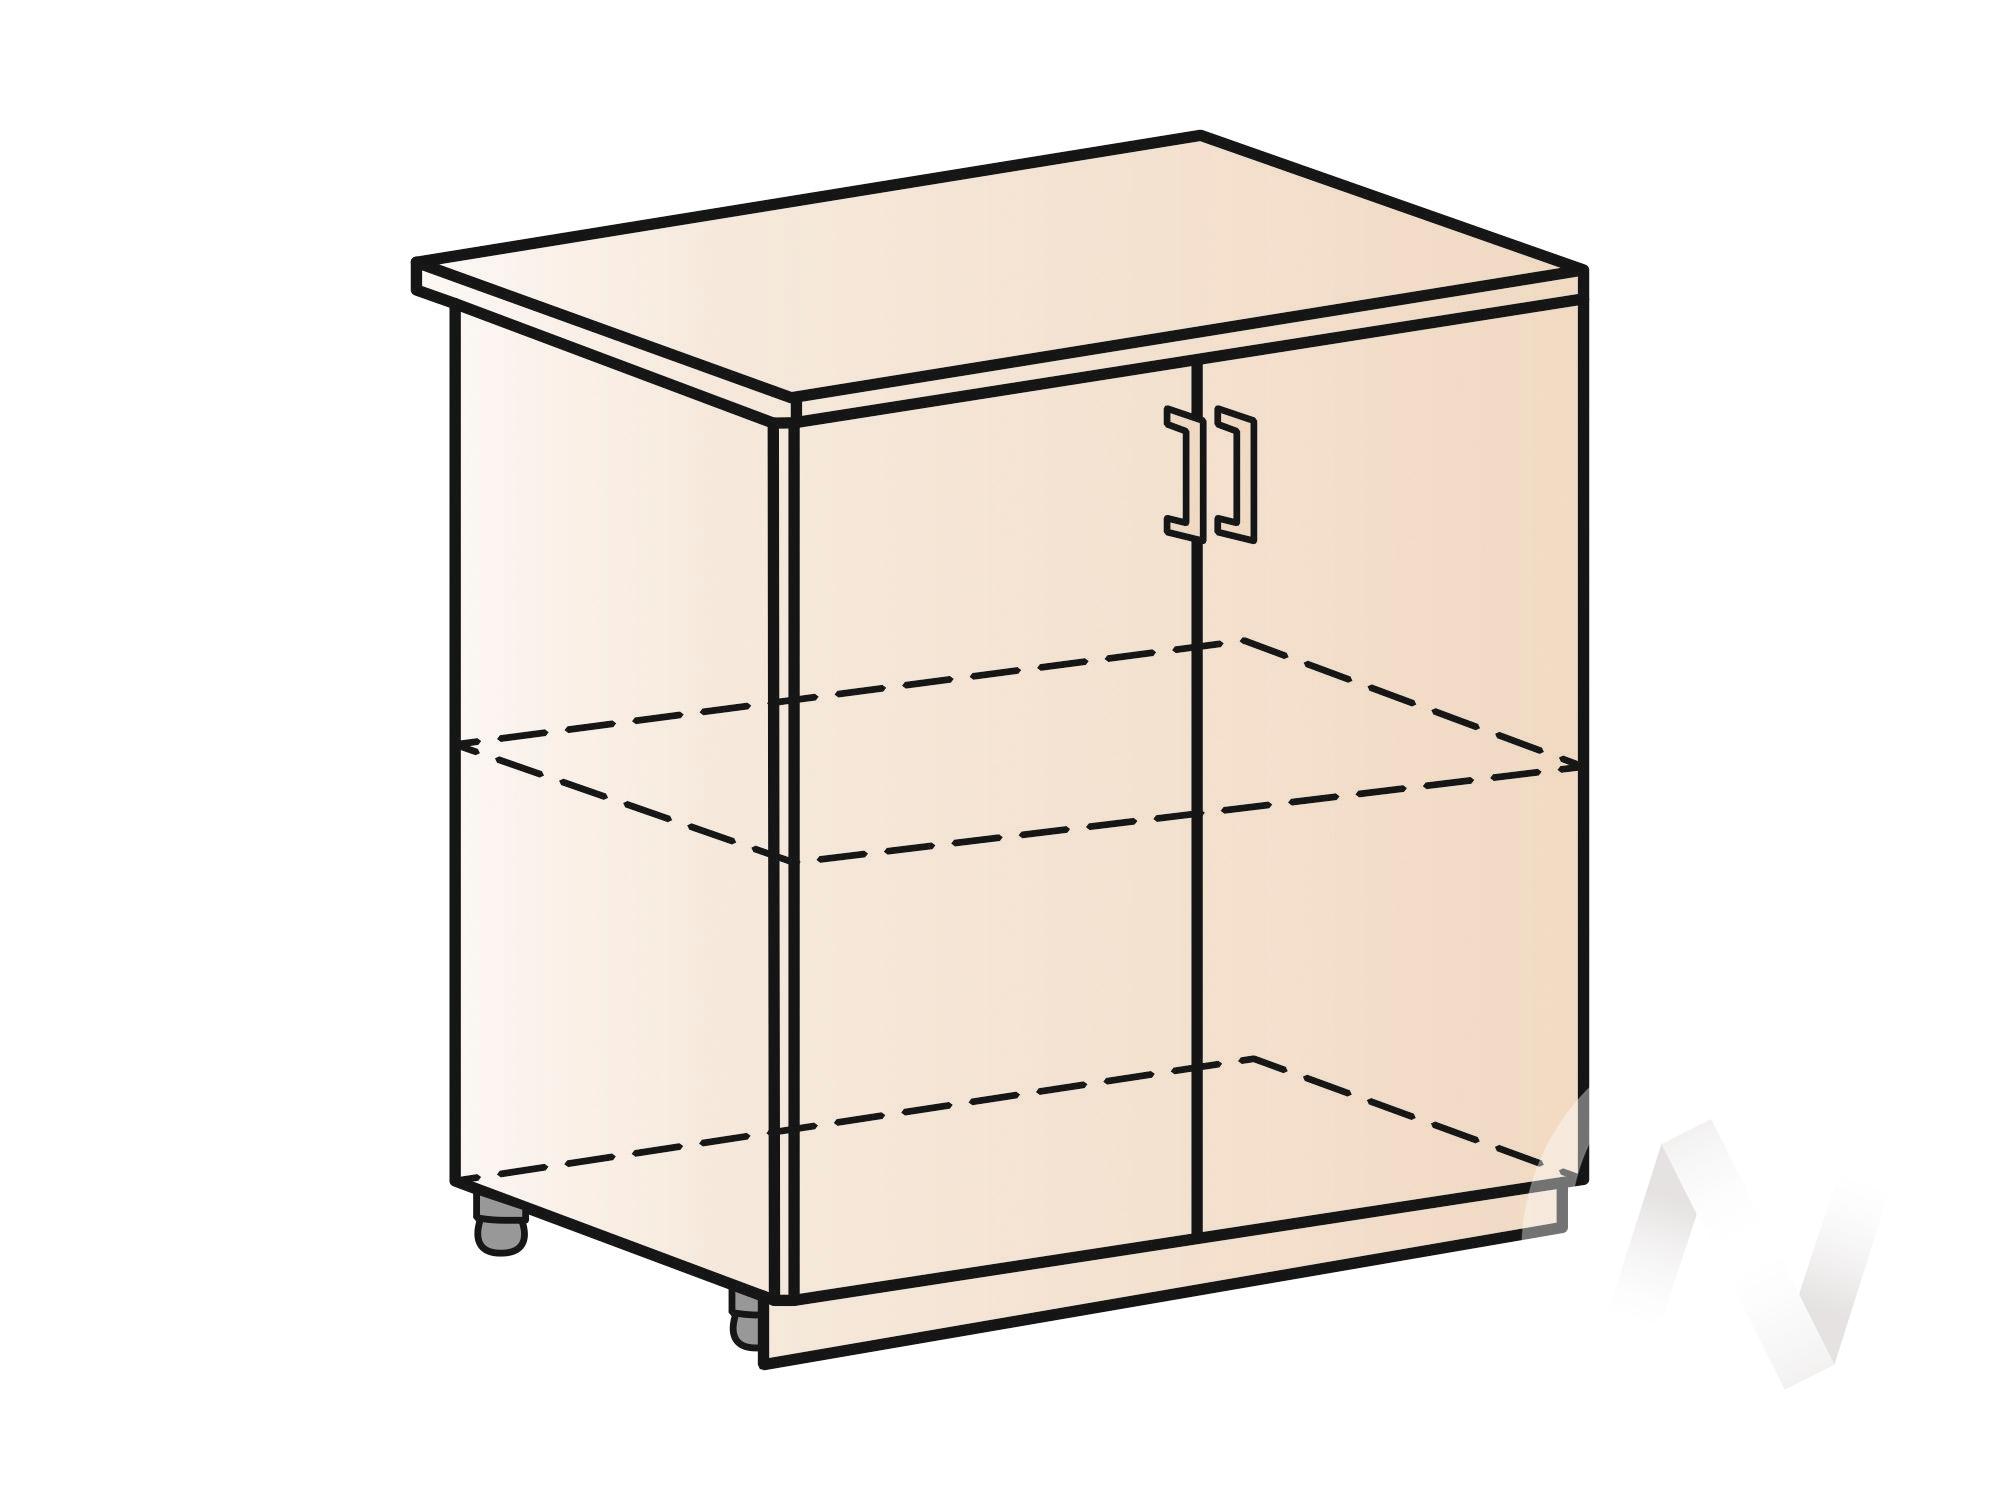 """Кухня """"Люкс"""": Шкаф нижний 800, ШН 800 (Шелк венге/корпус белый) в Новосибирске в интернет-магазине мебели kuhnya54.ru"""